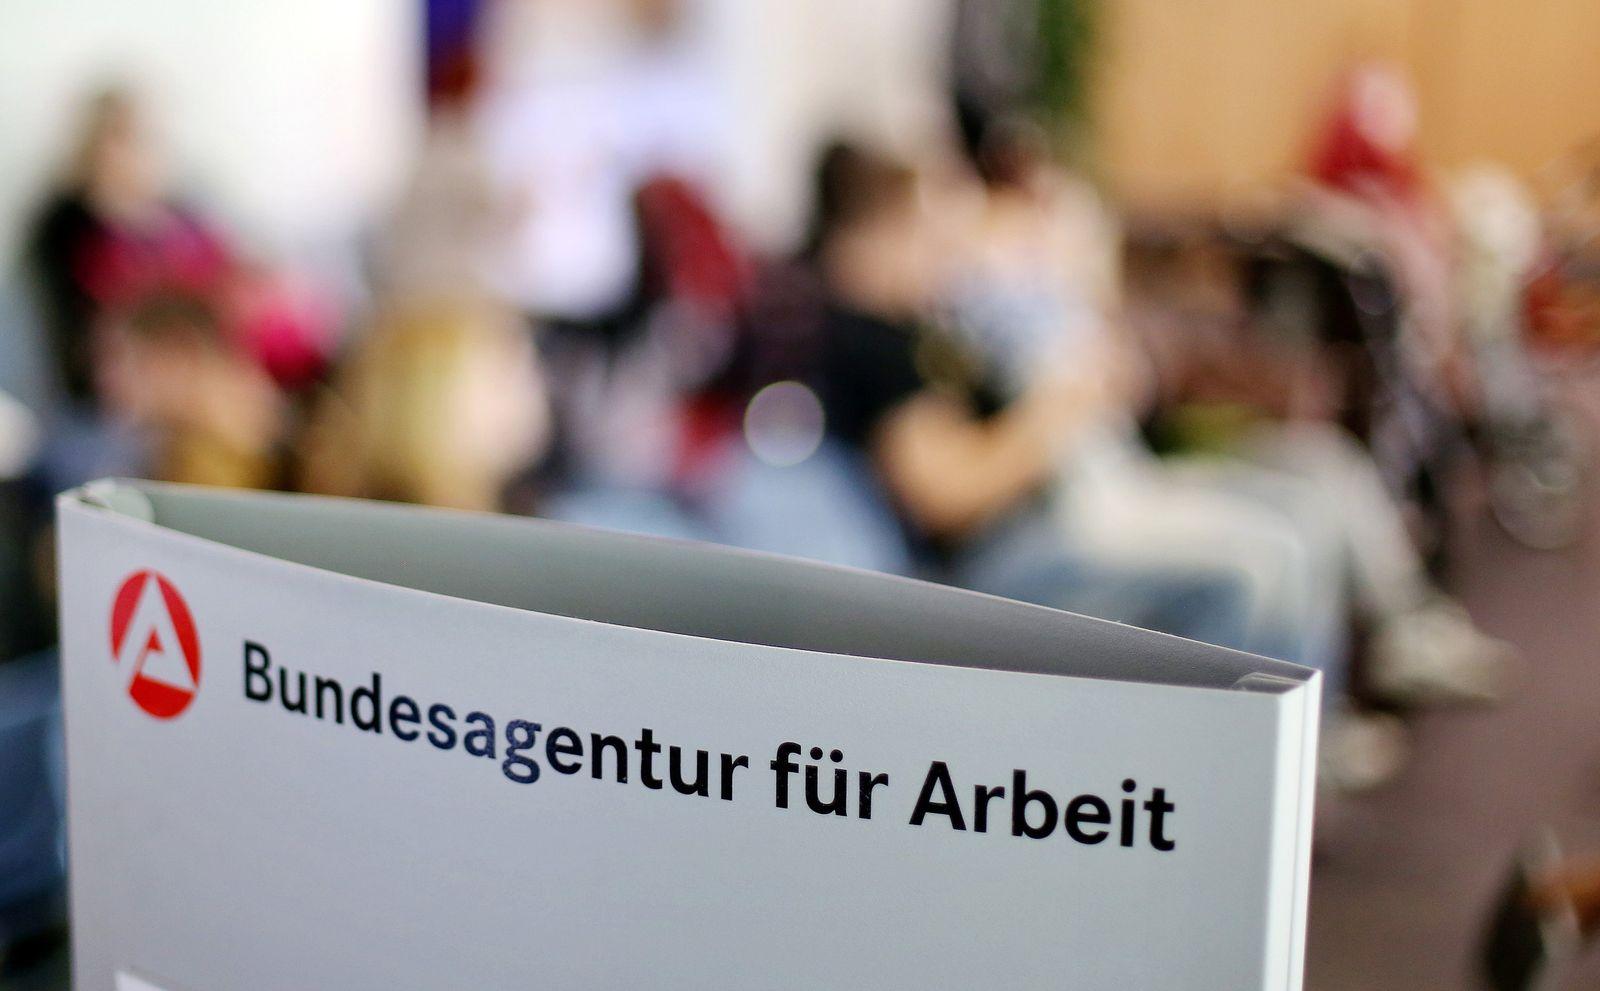 Arbeitslosigkeit / Arbeitslos / Bundesagentur für Arbeit / Arbeitsmarkt